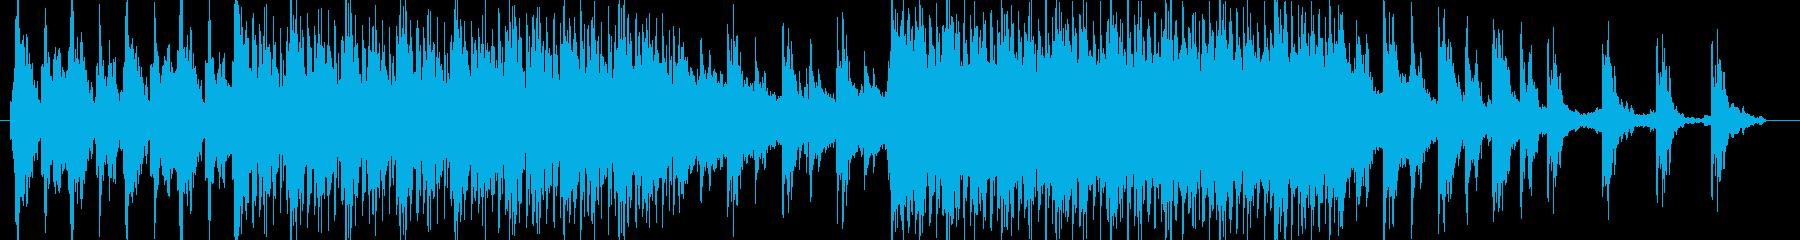 暗めのゲーム用BGMの再生済みの波形